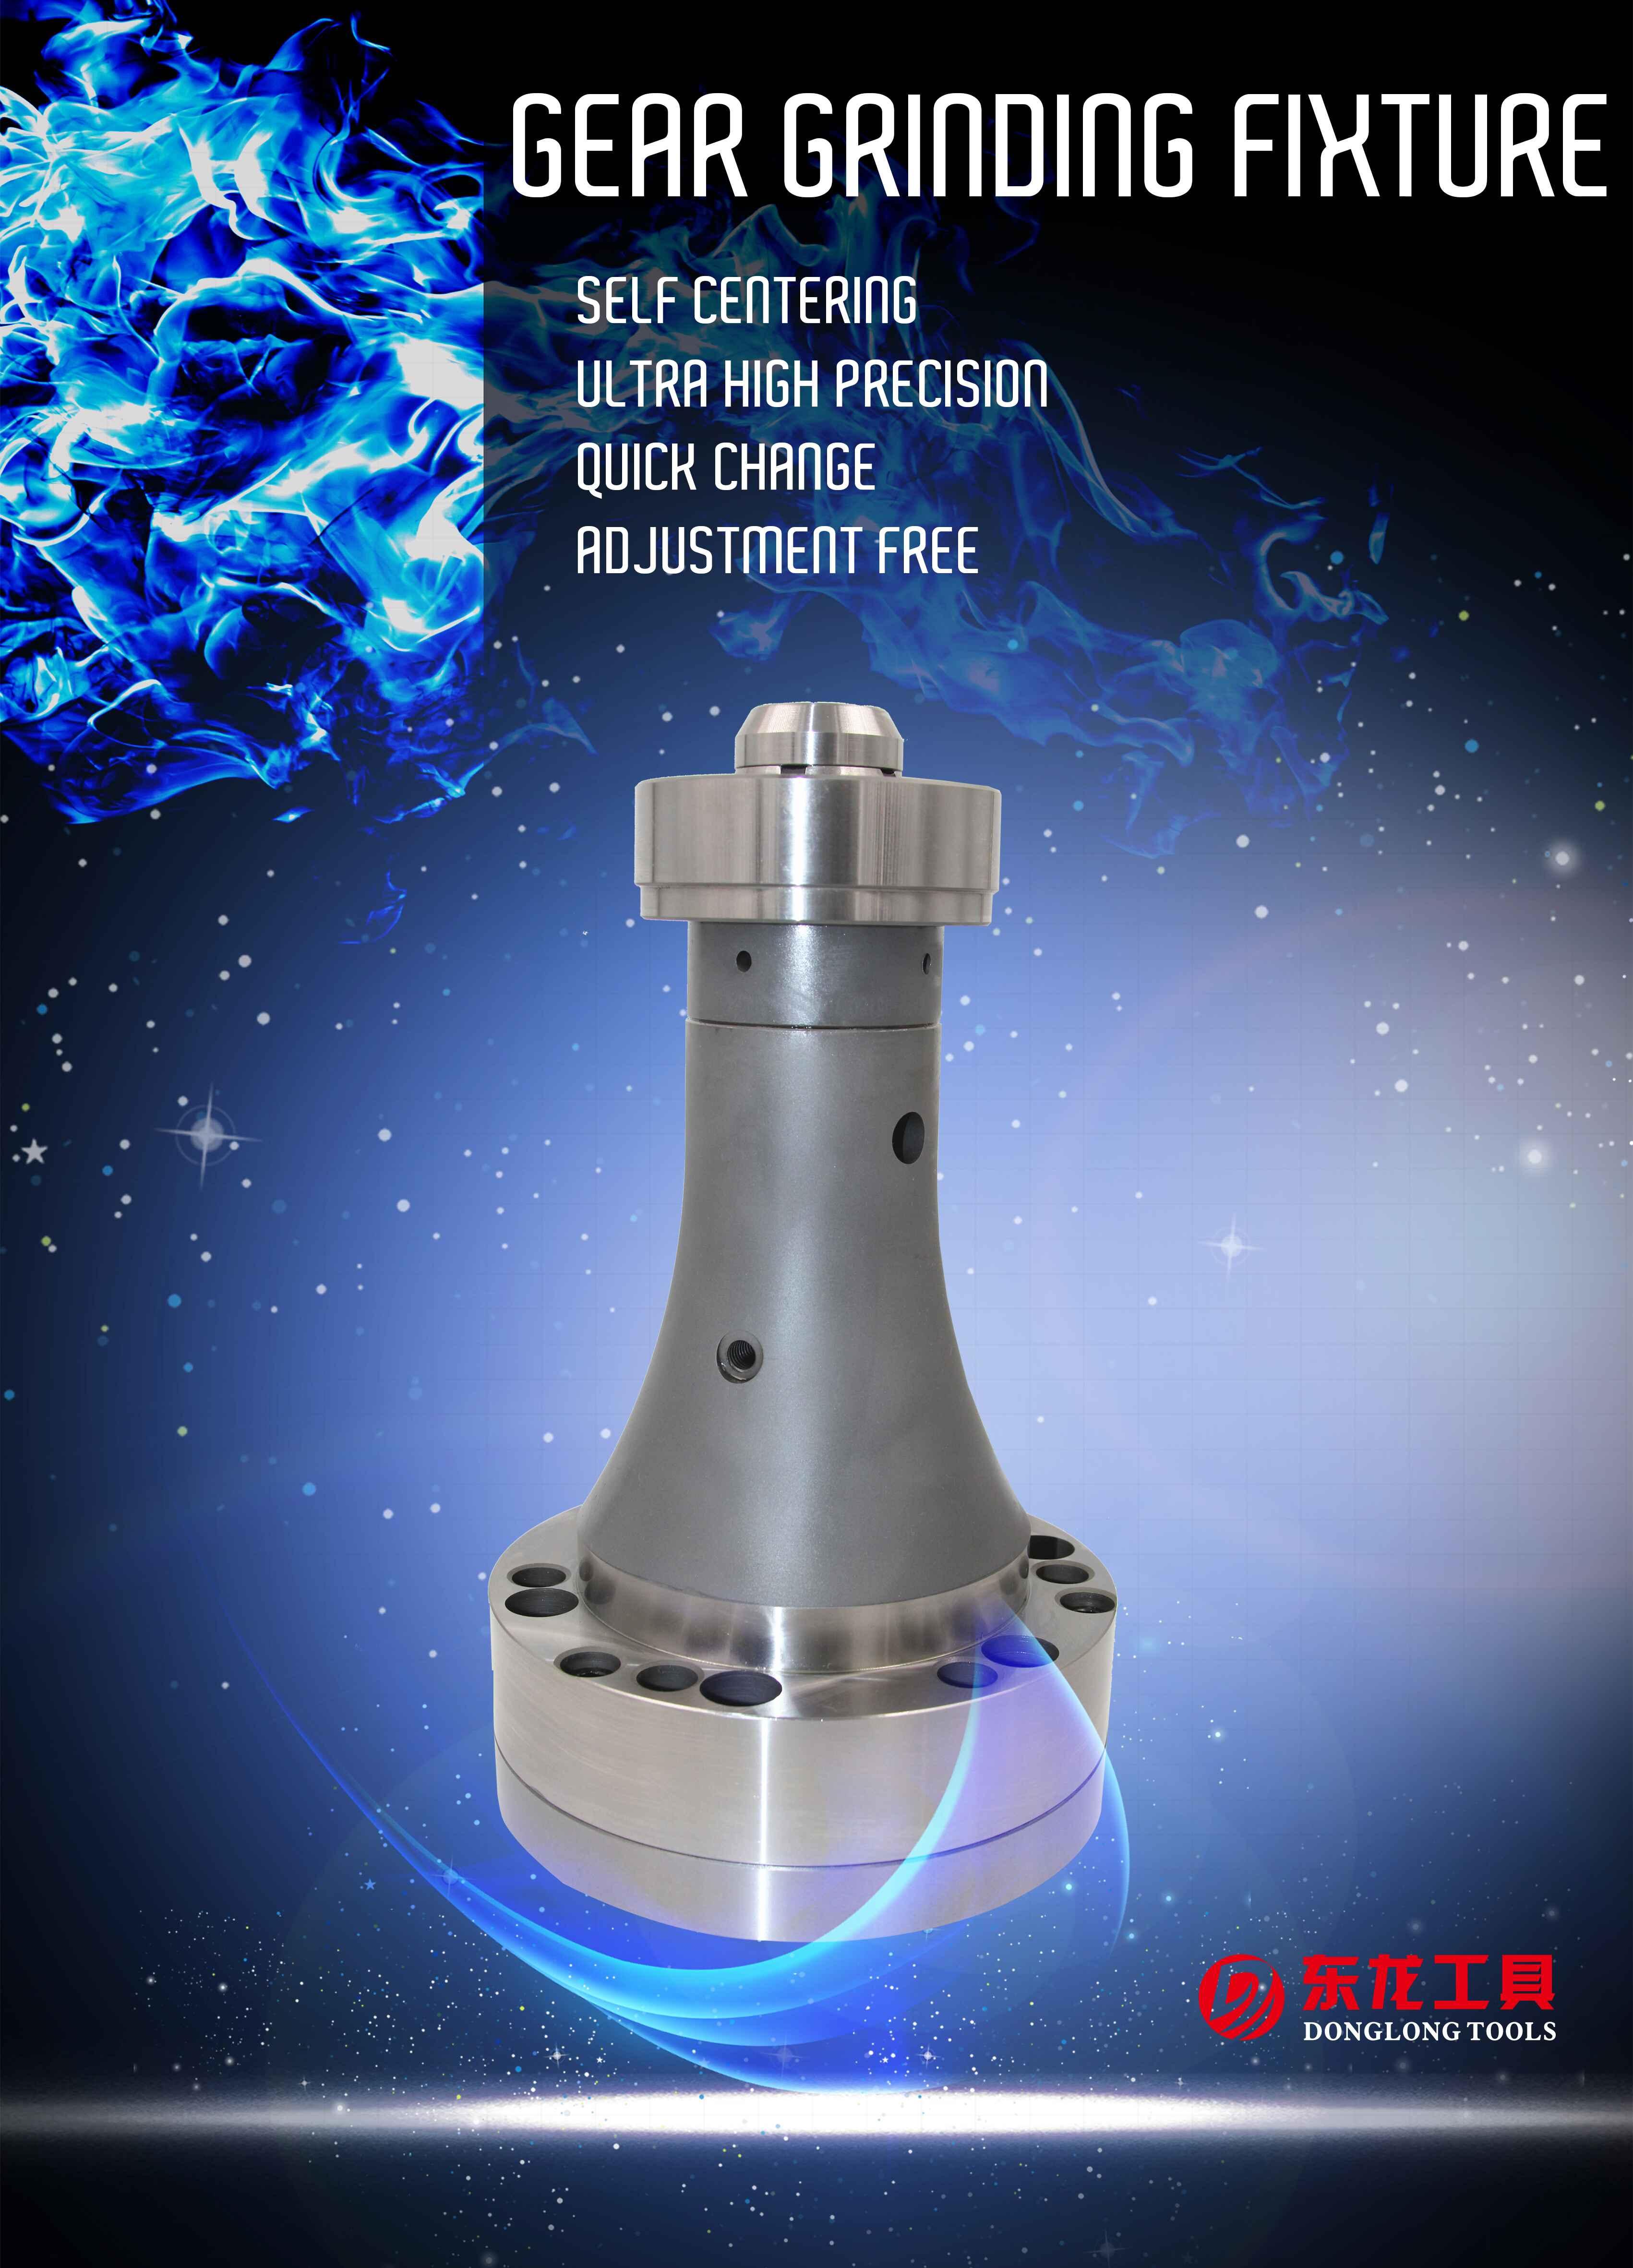 Groothandel Aluminium Tandheugel Gear Slijpen Armatuur Chinese Productie Bedrijf